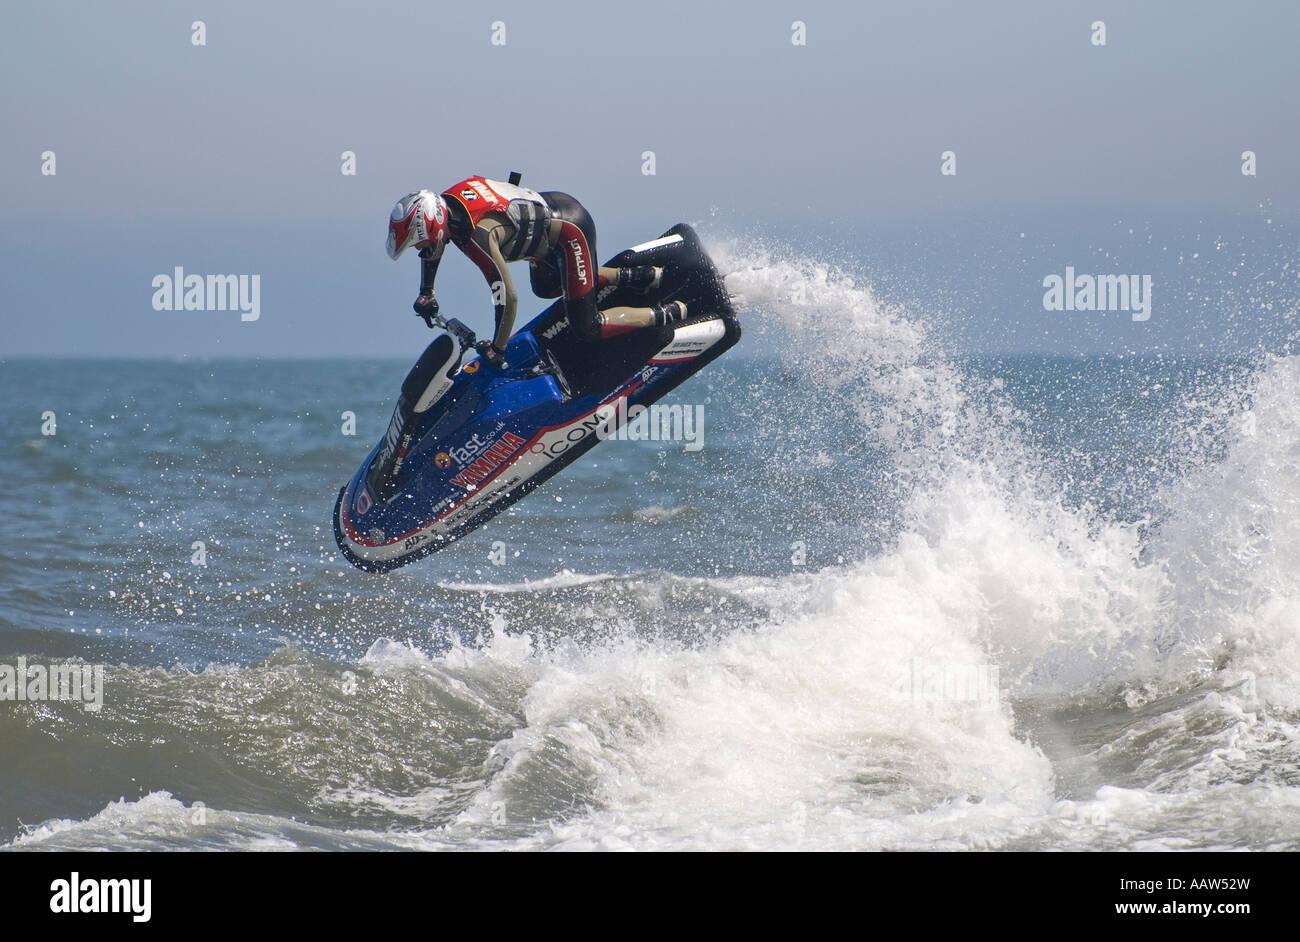 Jet skier performing jump on sea - Stock Image